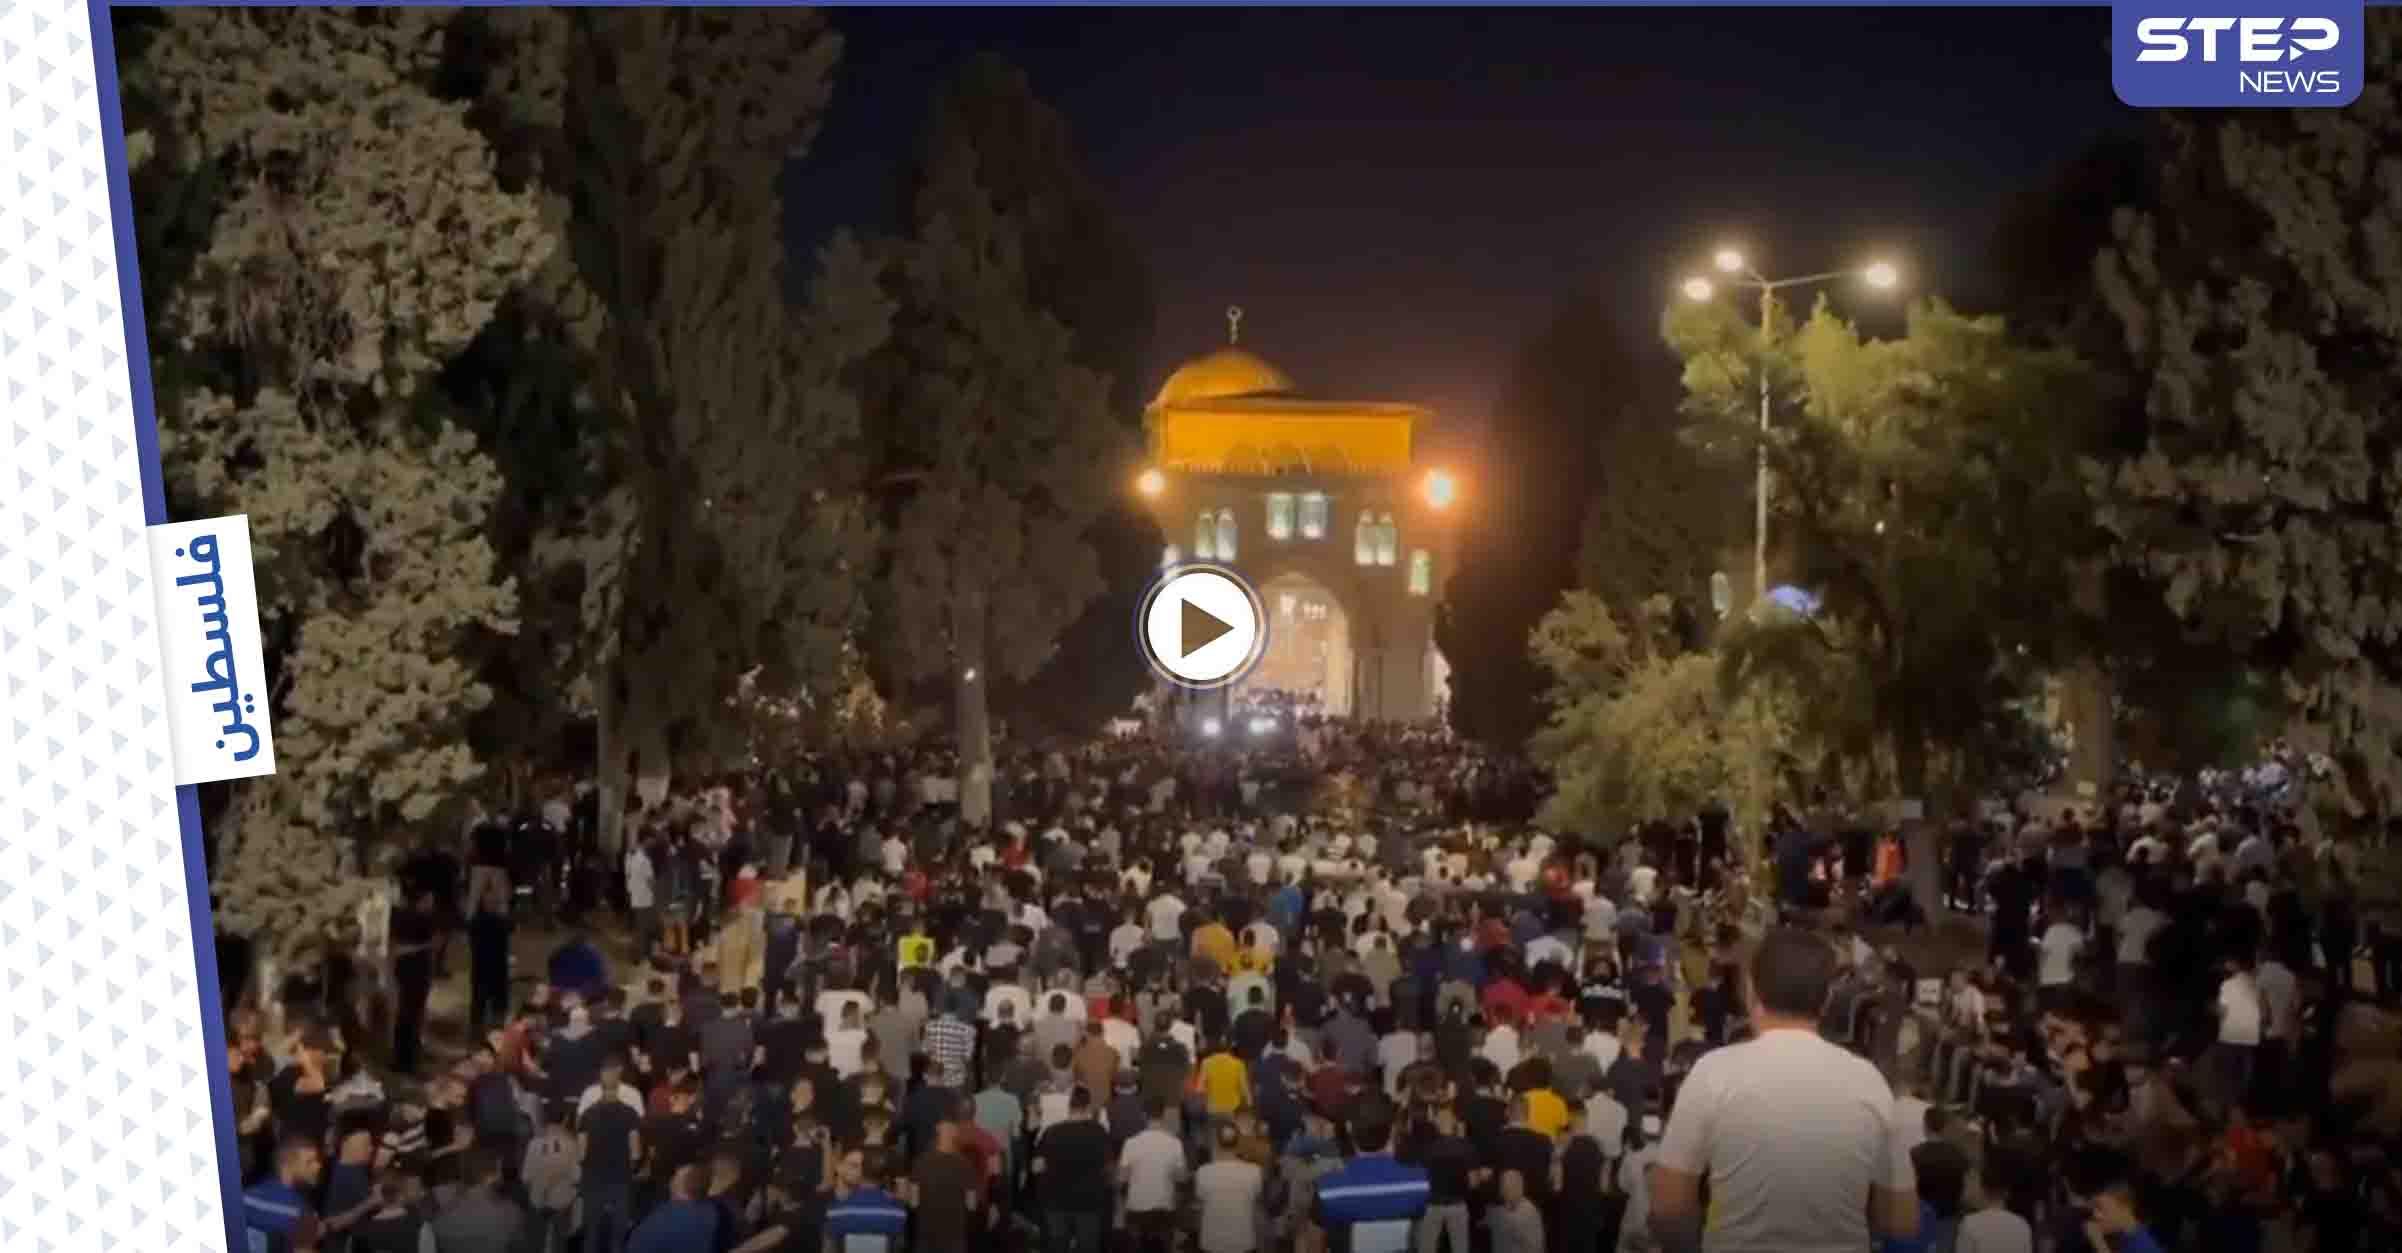 رغم العراقيل الإسرائيلية.. 90 ألف فلسطيني يحيون ليلة القدر في الأقصى وسط بكاء ودعاء (فيديو)